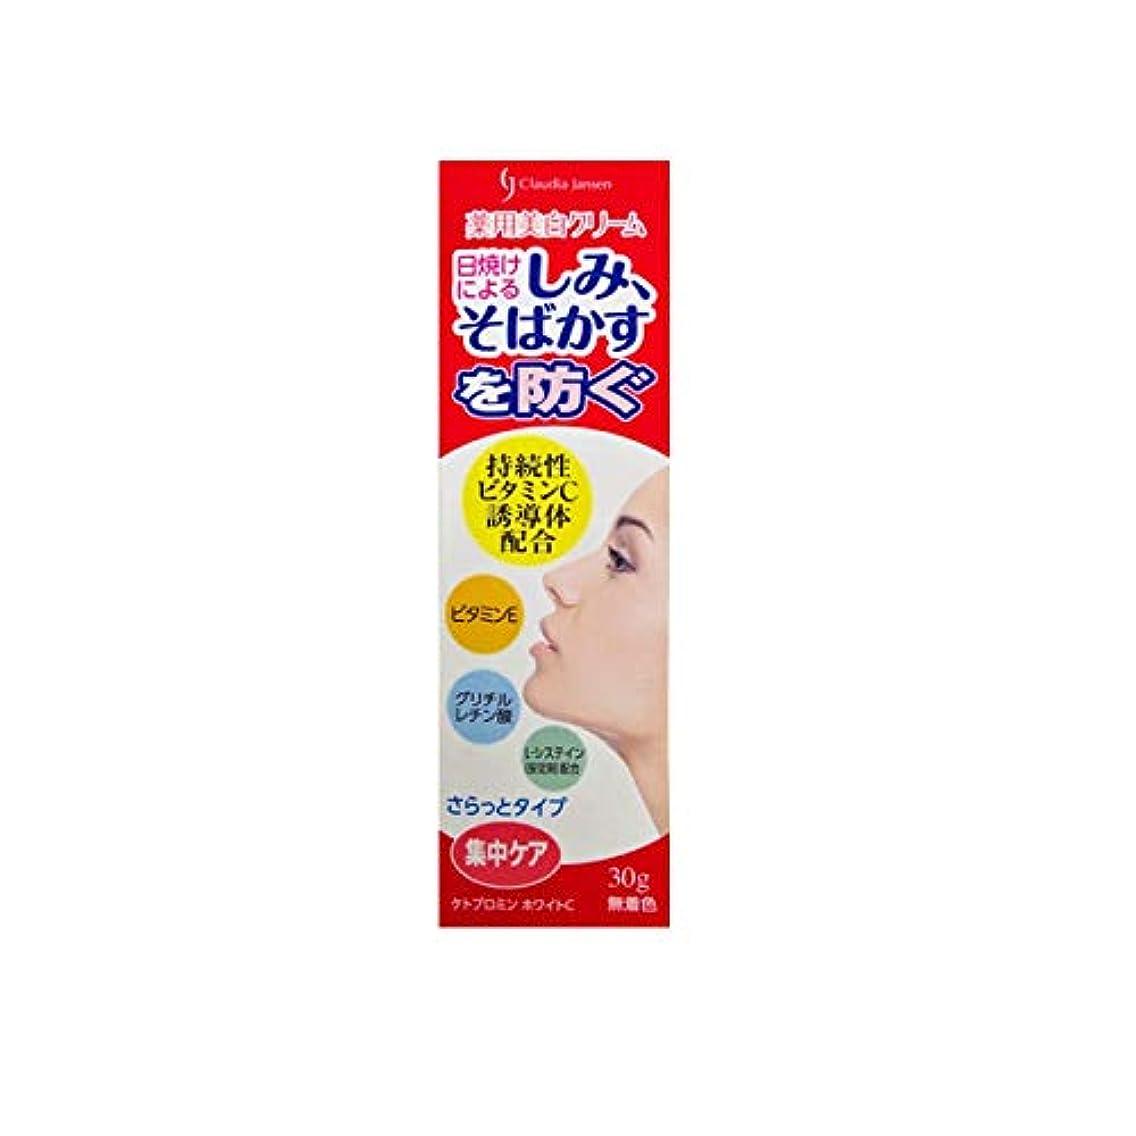 肺炎禁輸子孫三友薬品 医薬部外品 薬用ホワイトニングクリームC 30g